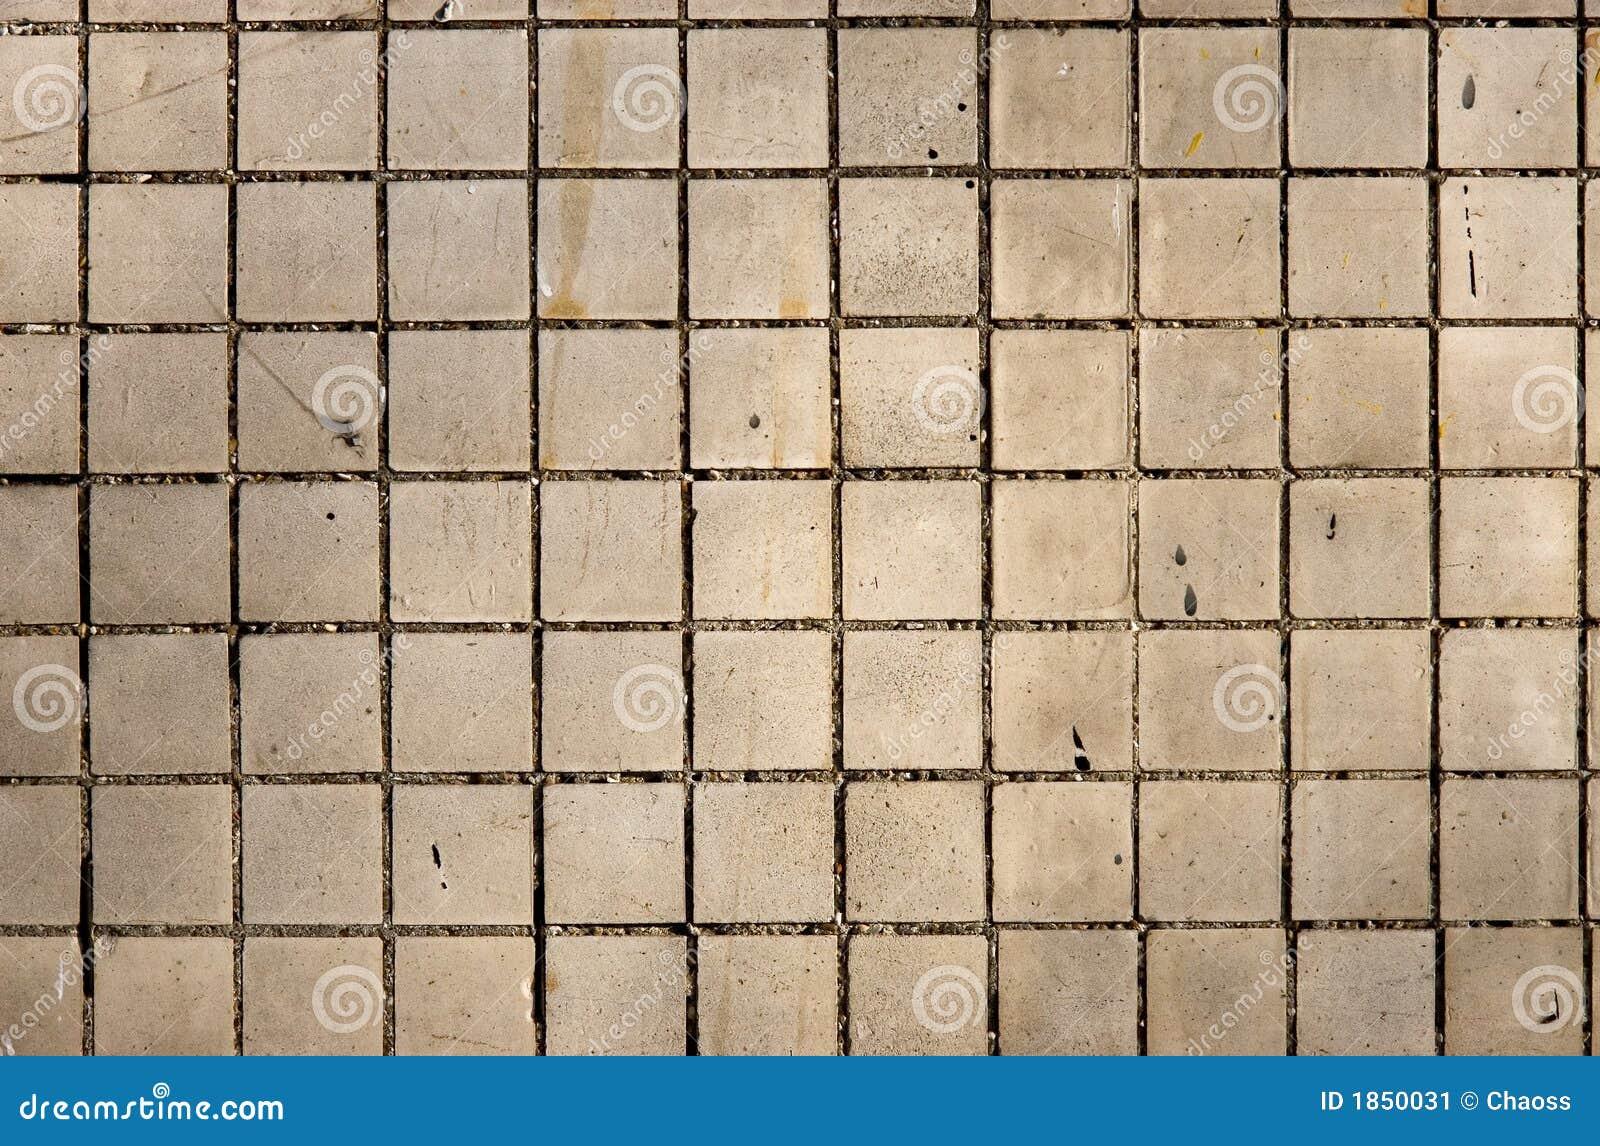 Как сделать текстуру плитки в фотошопе